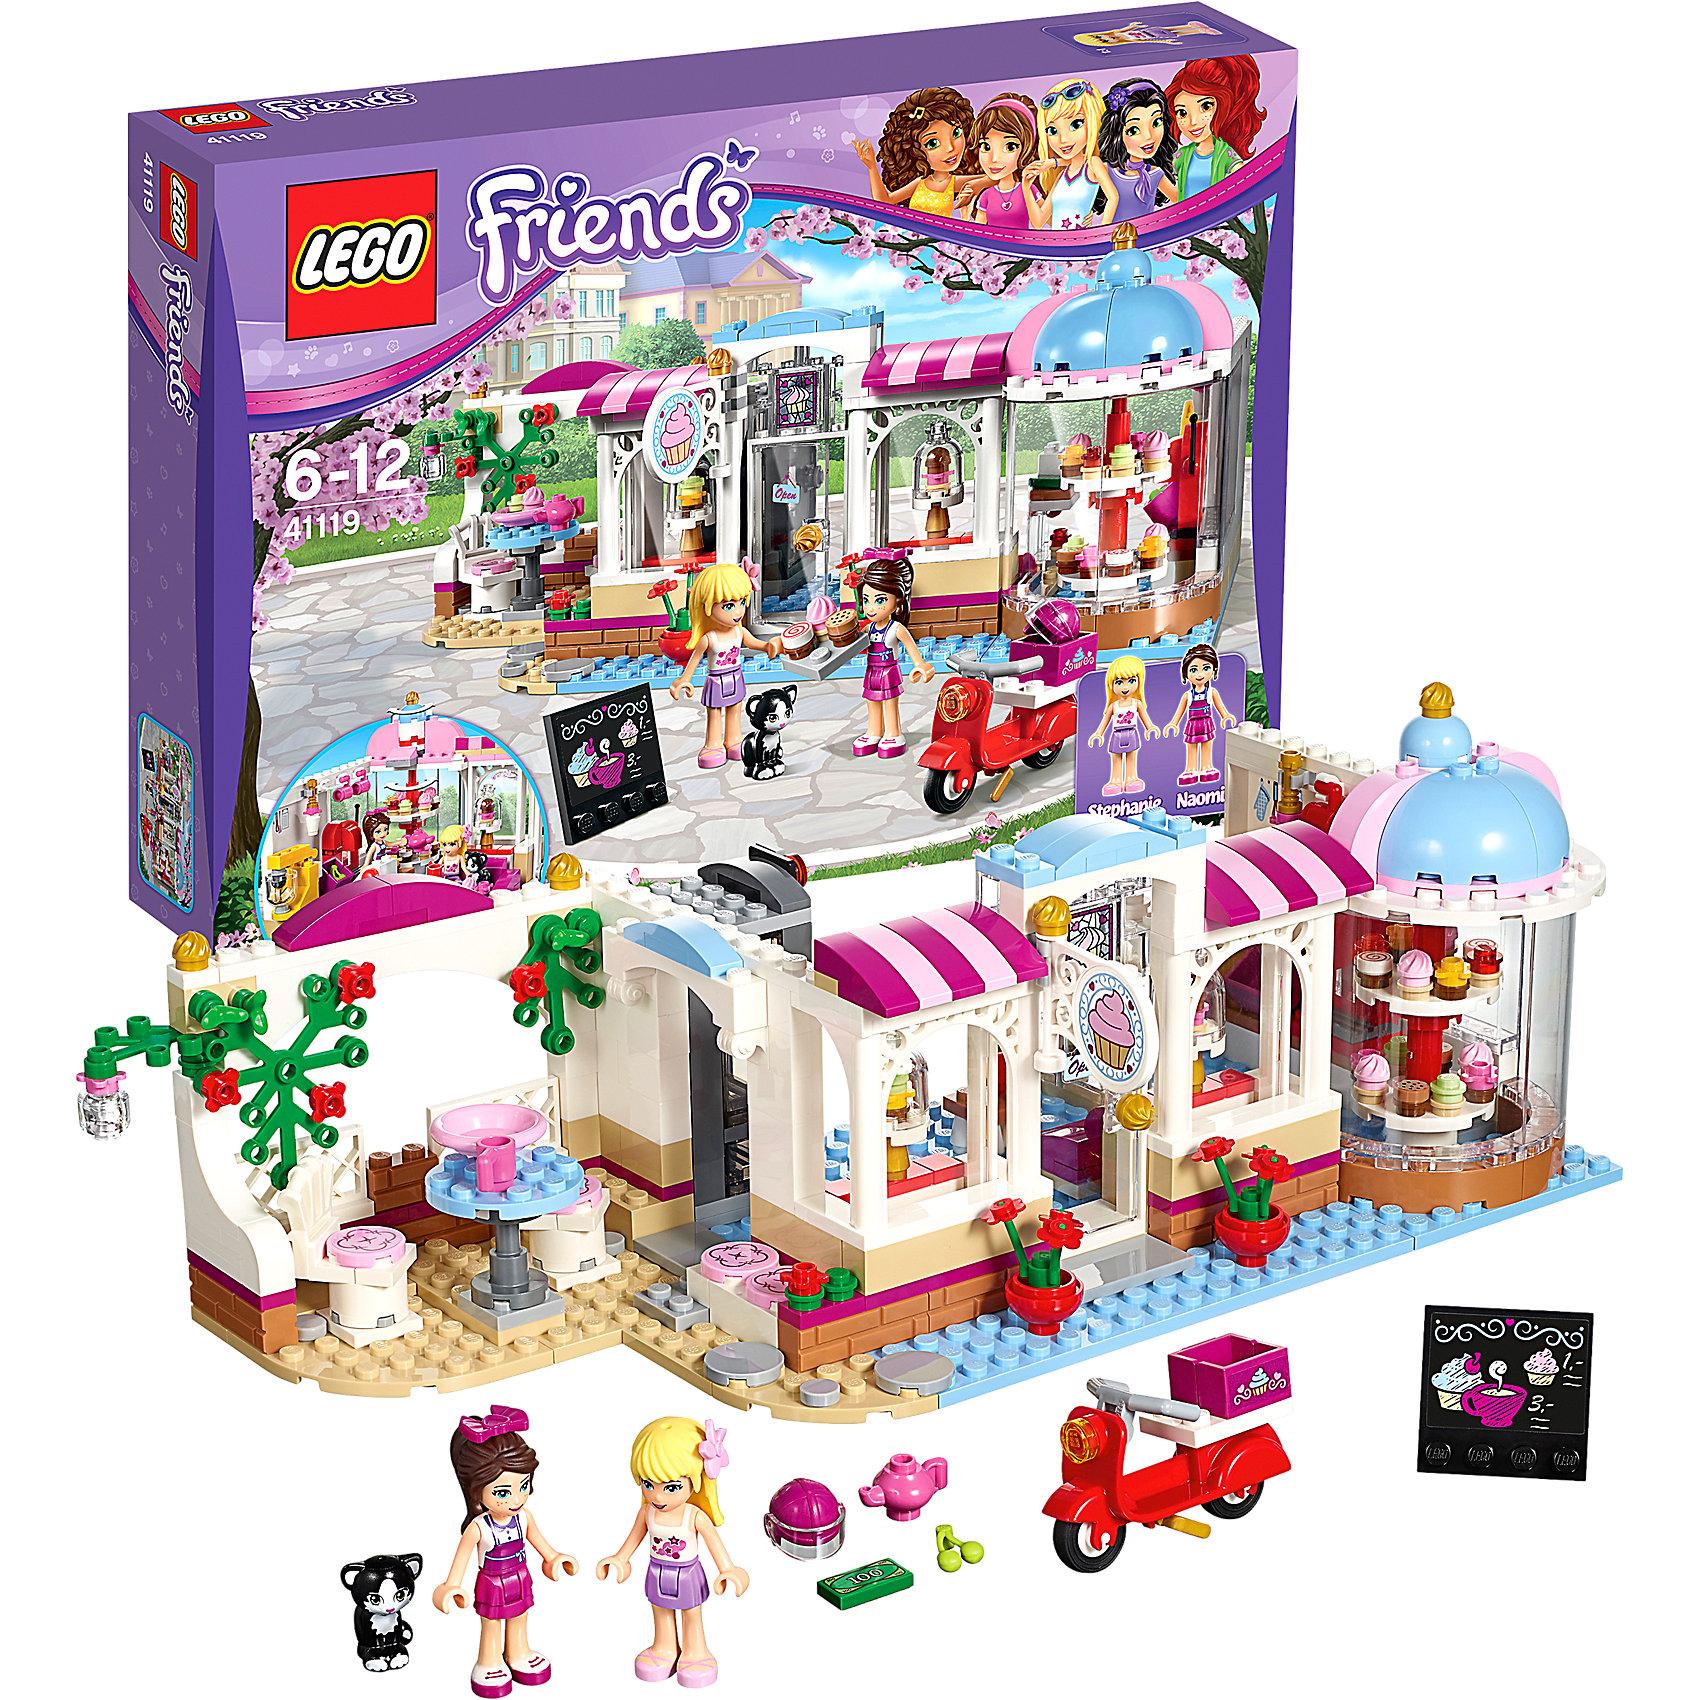 LEGO Friends 41119: КондитерскаяПластмассовые конструкторы<br>Помоги официантке Наоми приготовить вкусные кексы для своих клиентов. Поворачивай витрину, чтобы выбрать самые лучшие товары, и посиди со Стефани во внутреннем дворике, чтобы попробовать кексы за чашкой чая. Погладь дружелюбного кота, прежде чем вернуться к работе. Прими телефонный заказ, а затем доставляй сладкие кексы на скутере Наоми по всему Хартлейк Сити!<br><br>LEGO Friends (ЛЕГО Подружки)- серия детских конструкторов ЛЕГО, созданных специально для девочек. Эта коллекция объединяет в себе принципы строительного конструктора ЛЕГО и игровые темы, яркие цвета и образы интересные для девочек.<br><br>Дополнительная информация:<br><br>- Конструкторы ЛЕГО развивают усидчивость, внимание, фантазию и мелкую моторику. <br>- 2 фигурки.<br>- В комплекте 2 фигурки, кондитерская, скутер, кошка, кофеварка, чайник, чашки, миксер, противень, подносы, кассовый аппарат, деньги, телефон, вывеска, мотоциклетный шлем, украшения для волос, цветы, фрукты и бесконечное множество пирожных.<br>- Количество деталей: 438.<br>- Серия LEGO Friends (ЛЕГО Подружки).<br>- Материал: пластик.<br>- Размер упаковки: 38х7х26 см.<br>- Размер кондитерской в собранном виде: 10х28х12 см.<br>- Вес: 0.71 кг.<br><br>LEGO Friends 41119: Кондитерская можно купить в нашем магазине.<br><br>Ширина мм: 382<br>Глубина мм: 261<br>Высота мм: 73<br>Вес г: 730<br>Возраст от месяцев: 72<br>Возраст до месяцев: 144<br>Пол: Женский<br>Возраст: Детский<br>SKU: 4259084